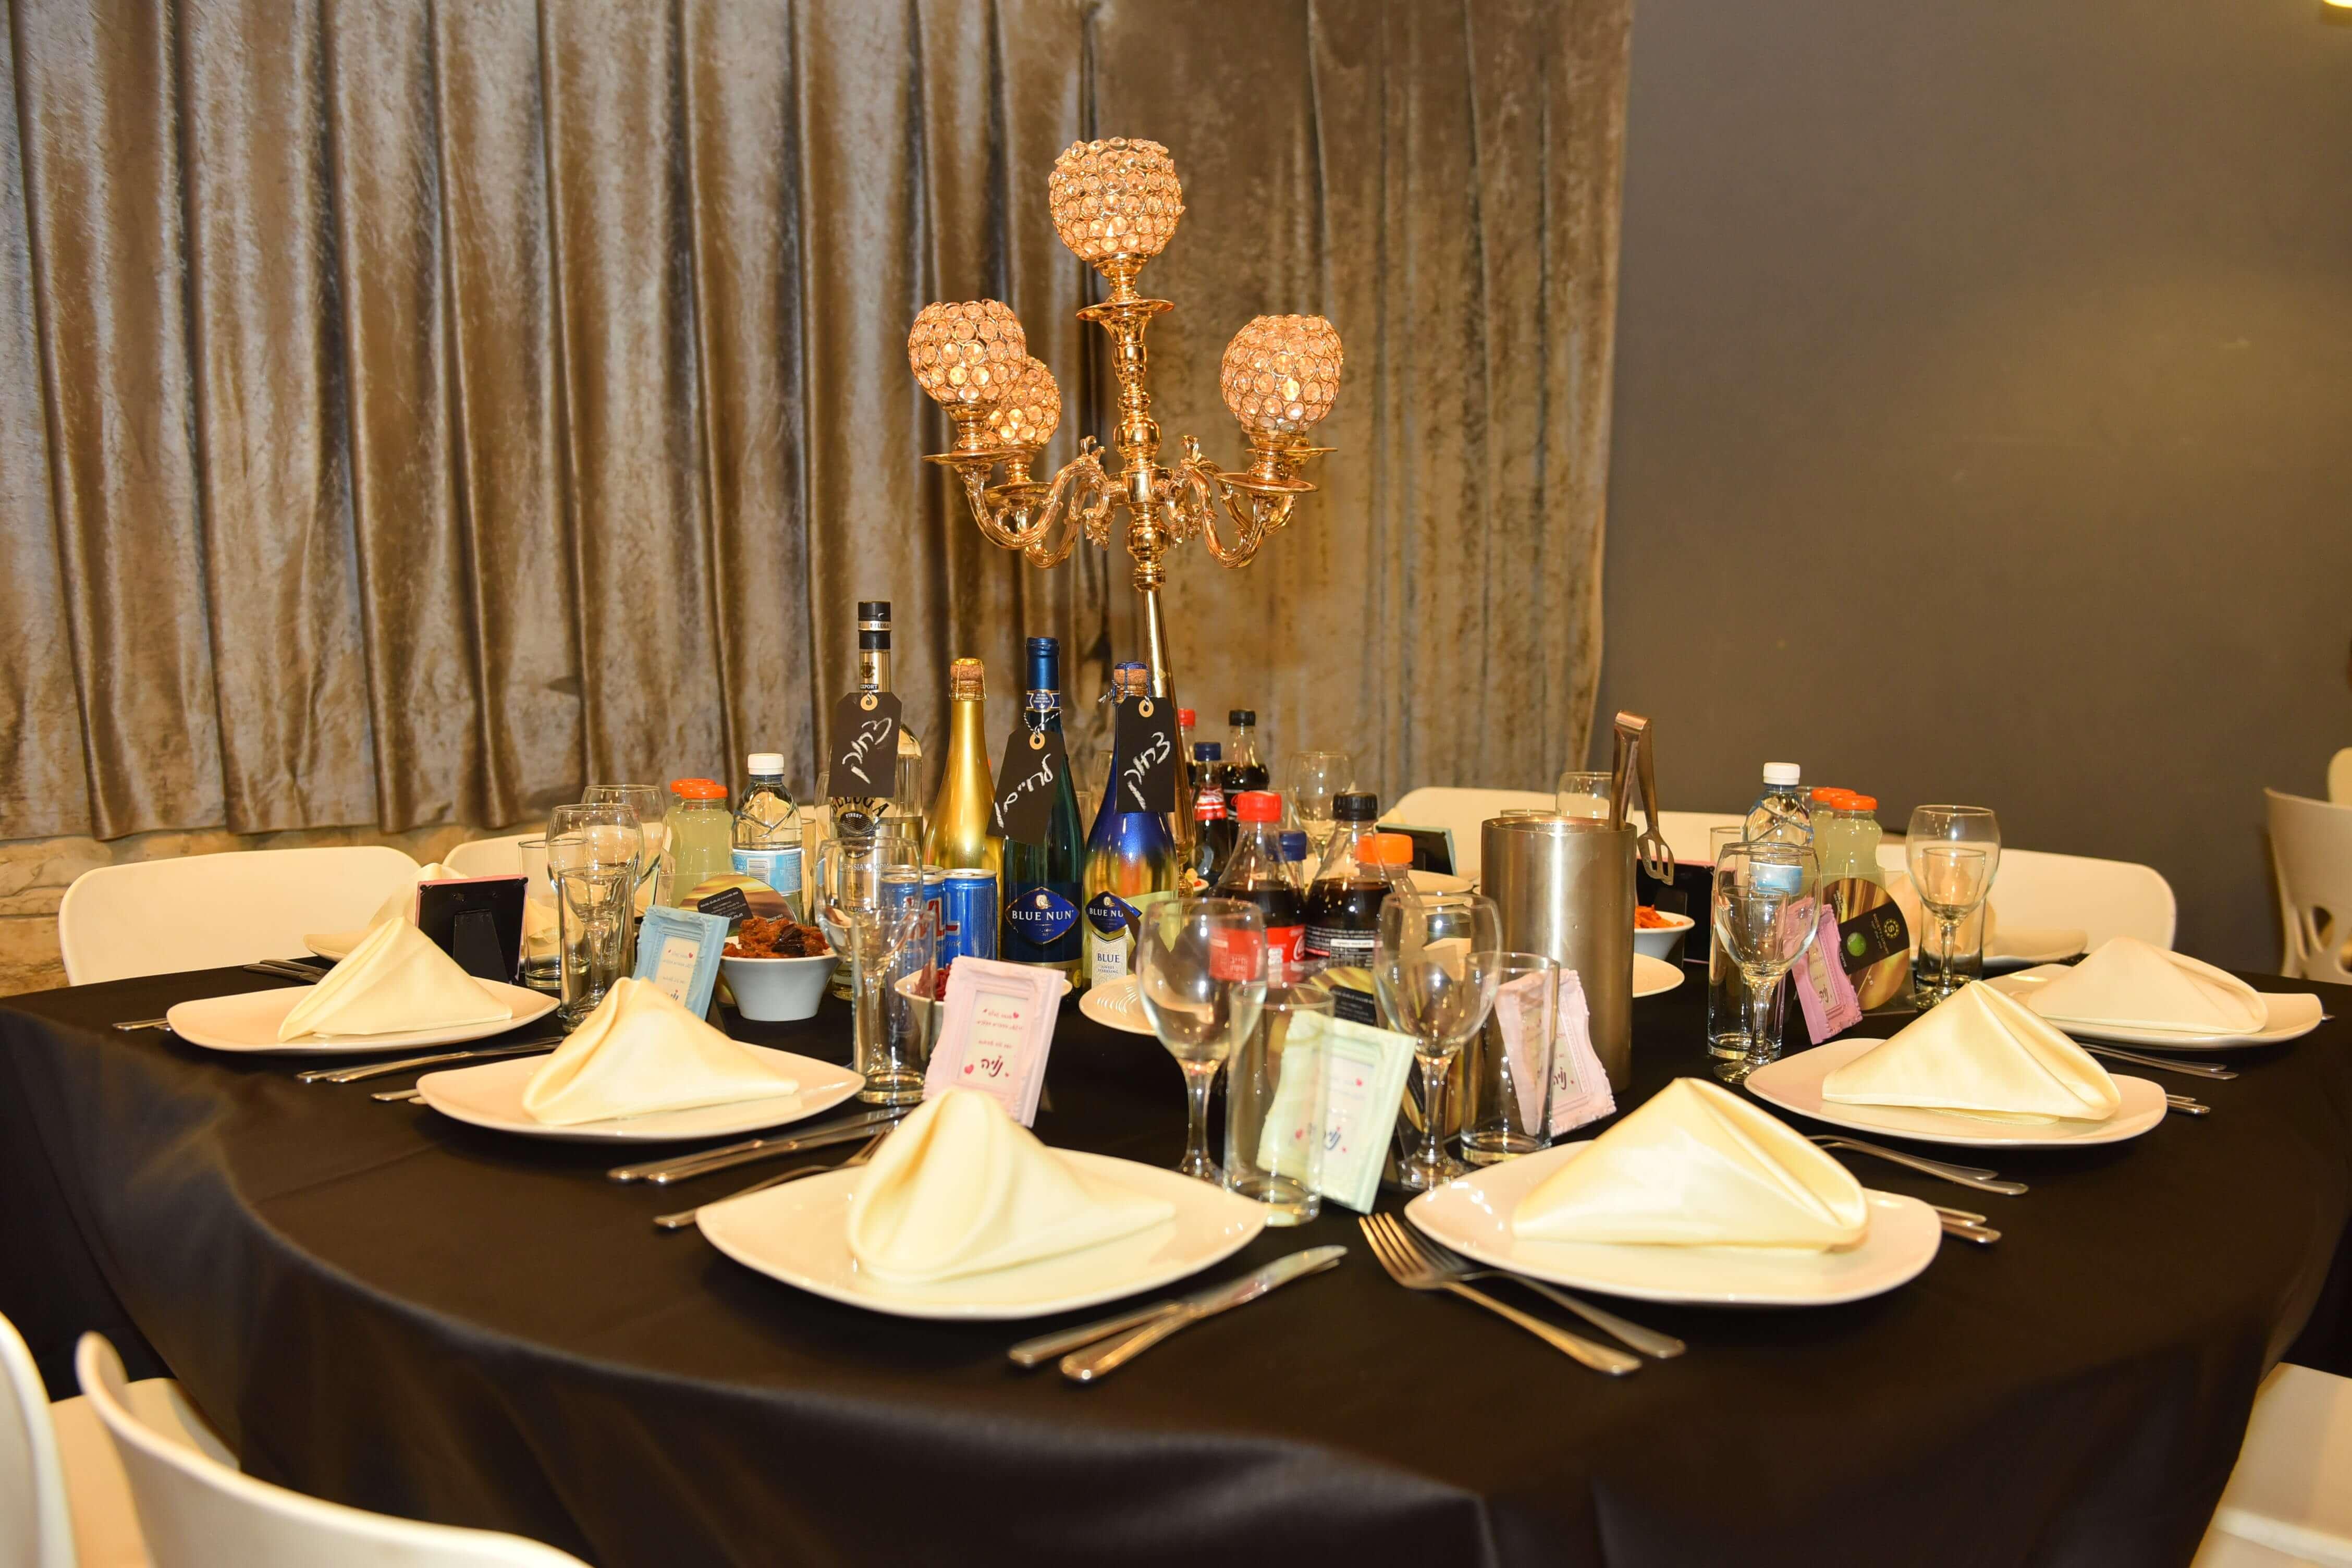 מועדון לבת מצווה בראשון לציון עם שולחן VIP